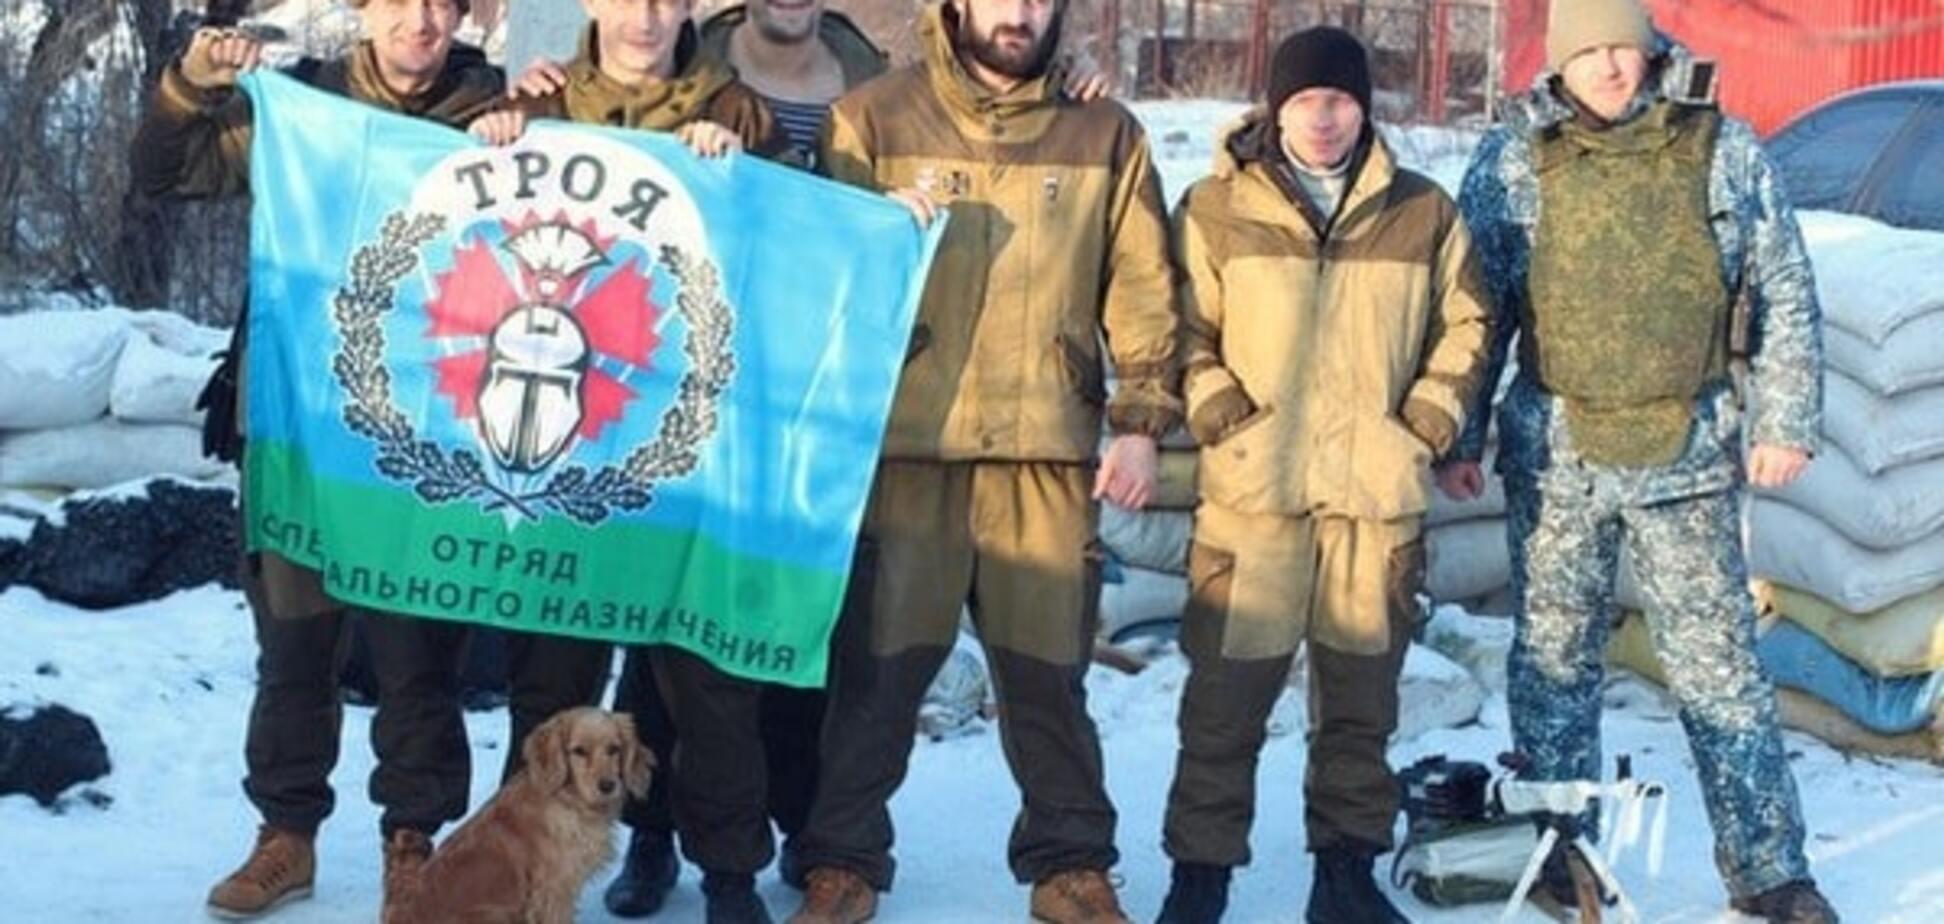 Зачистка следов: террористы Захарченко уничтожили 'Трою'. Десятки погибших